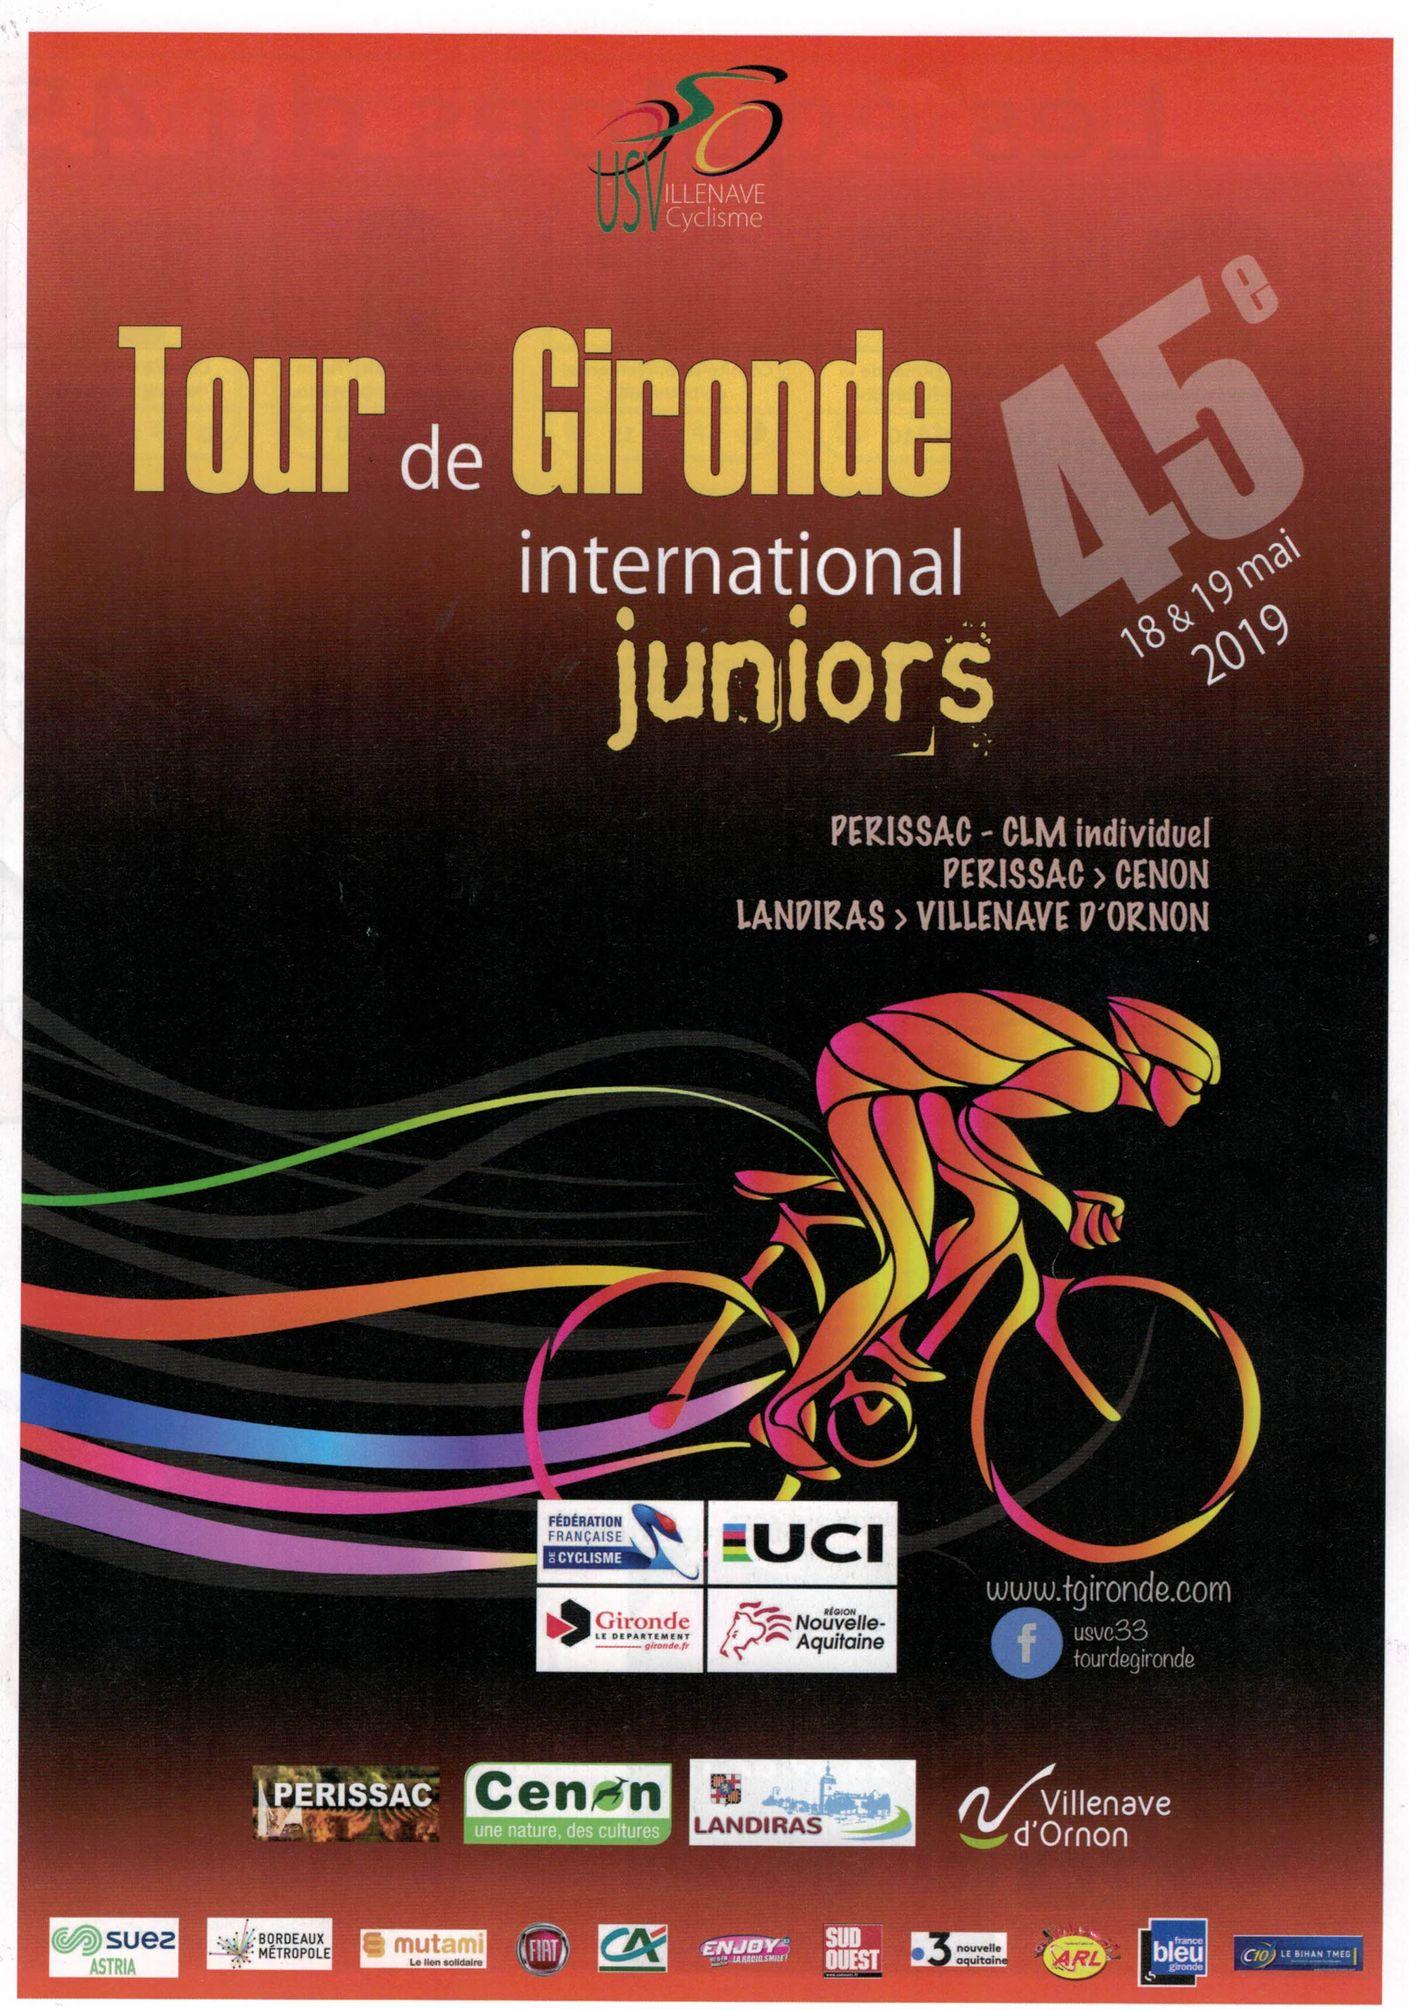 Tour de Gironde